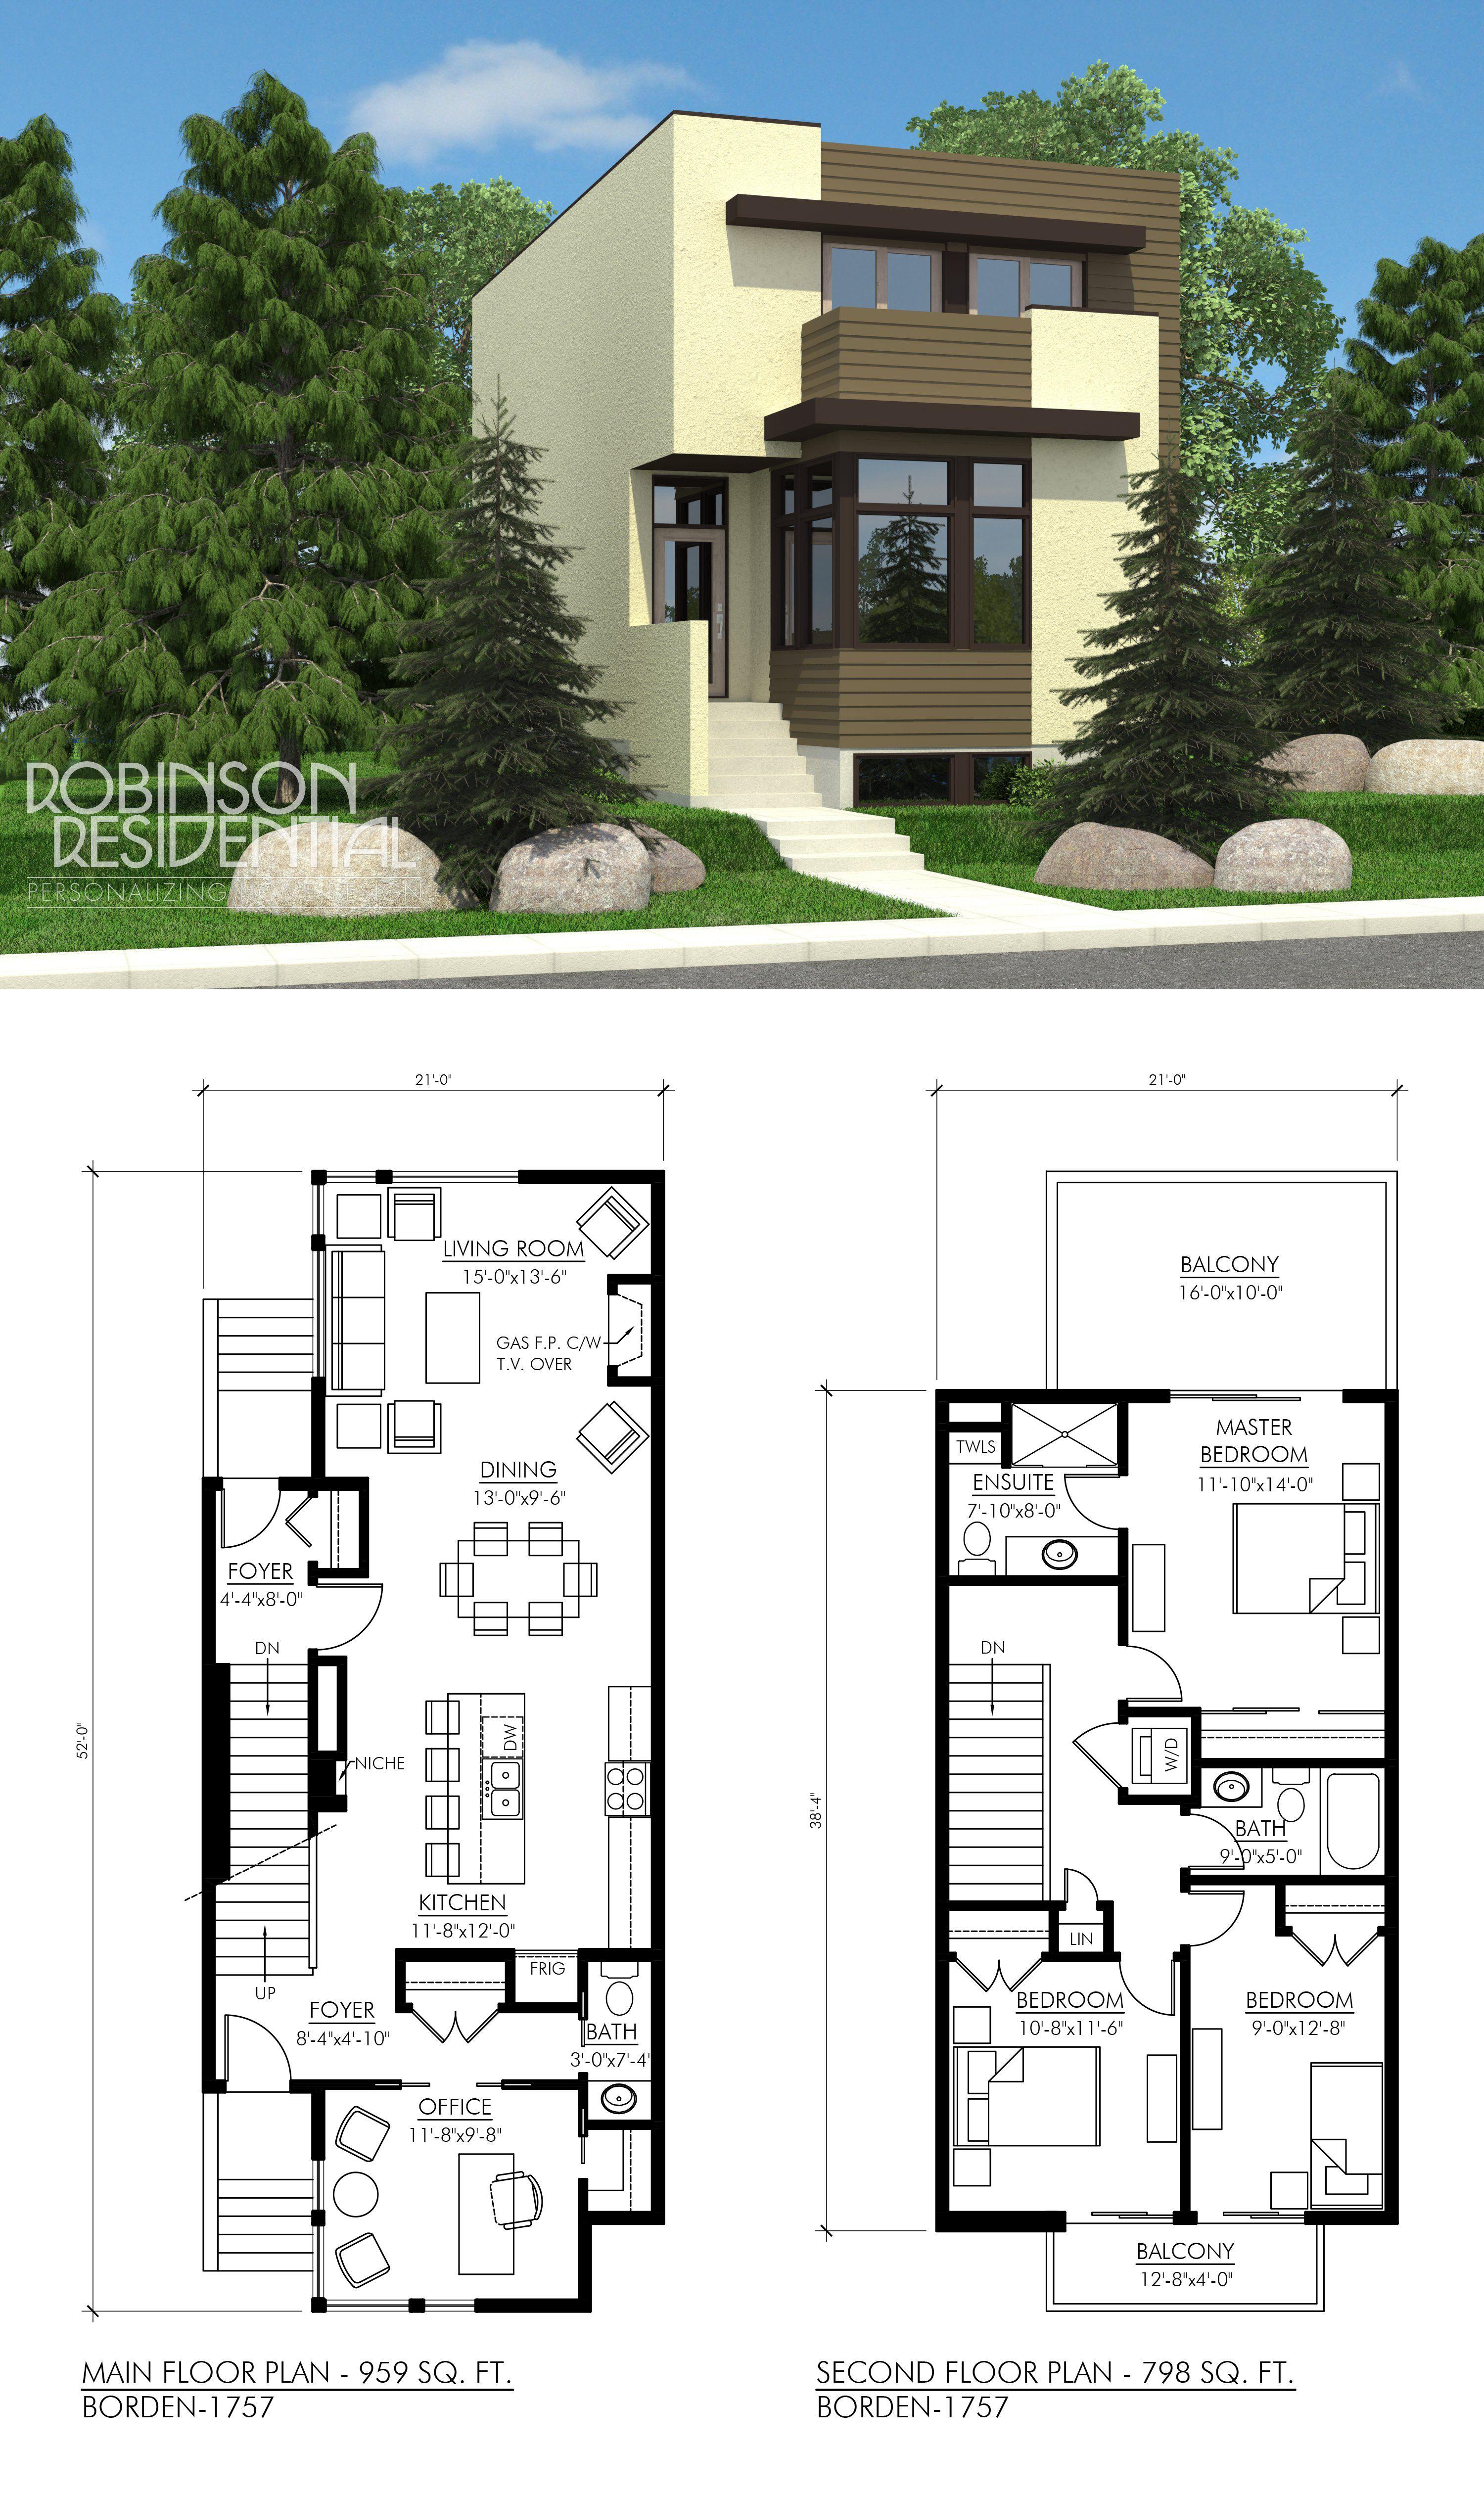 Contemporary Borden 1757 Narrow Lot House Plans Narrow House